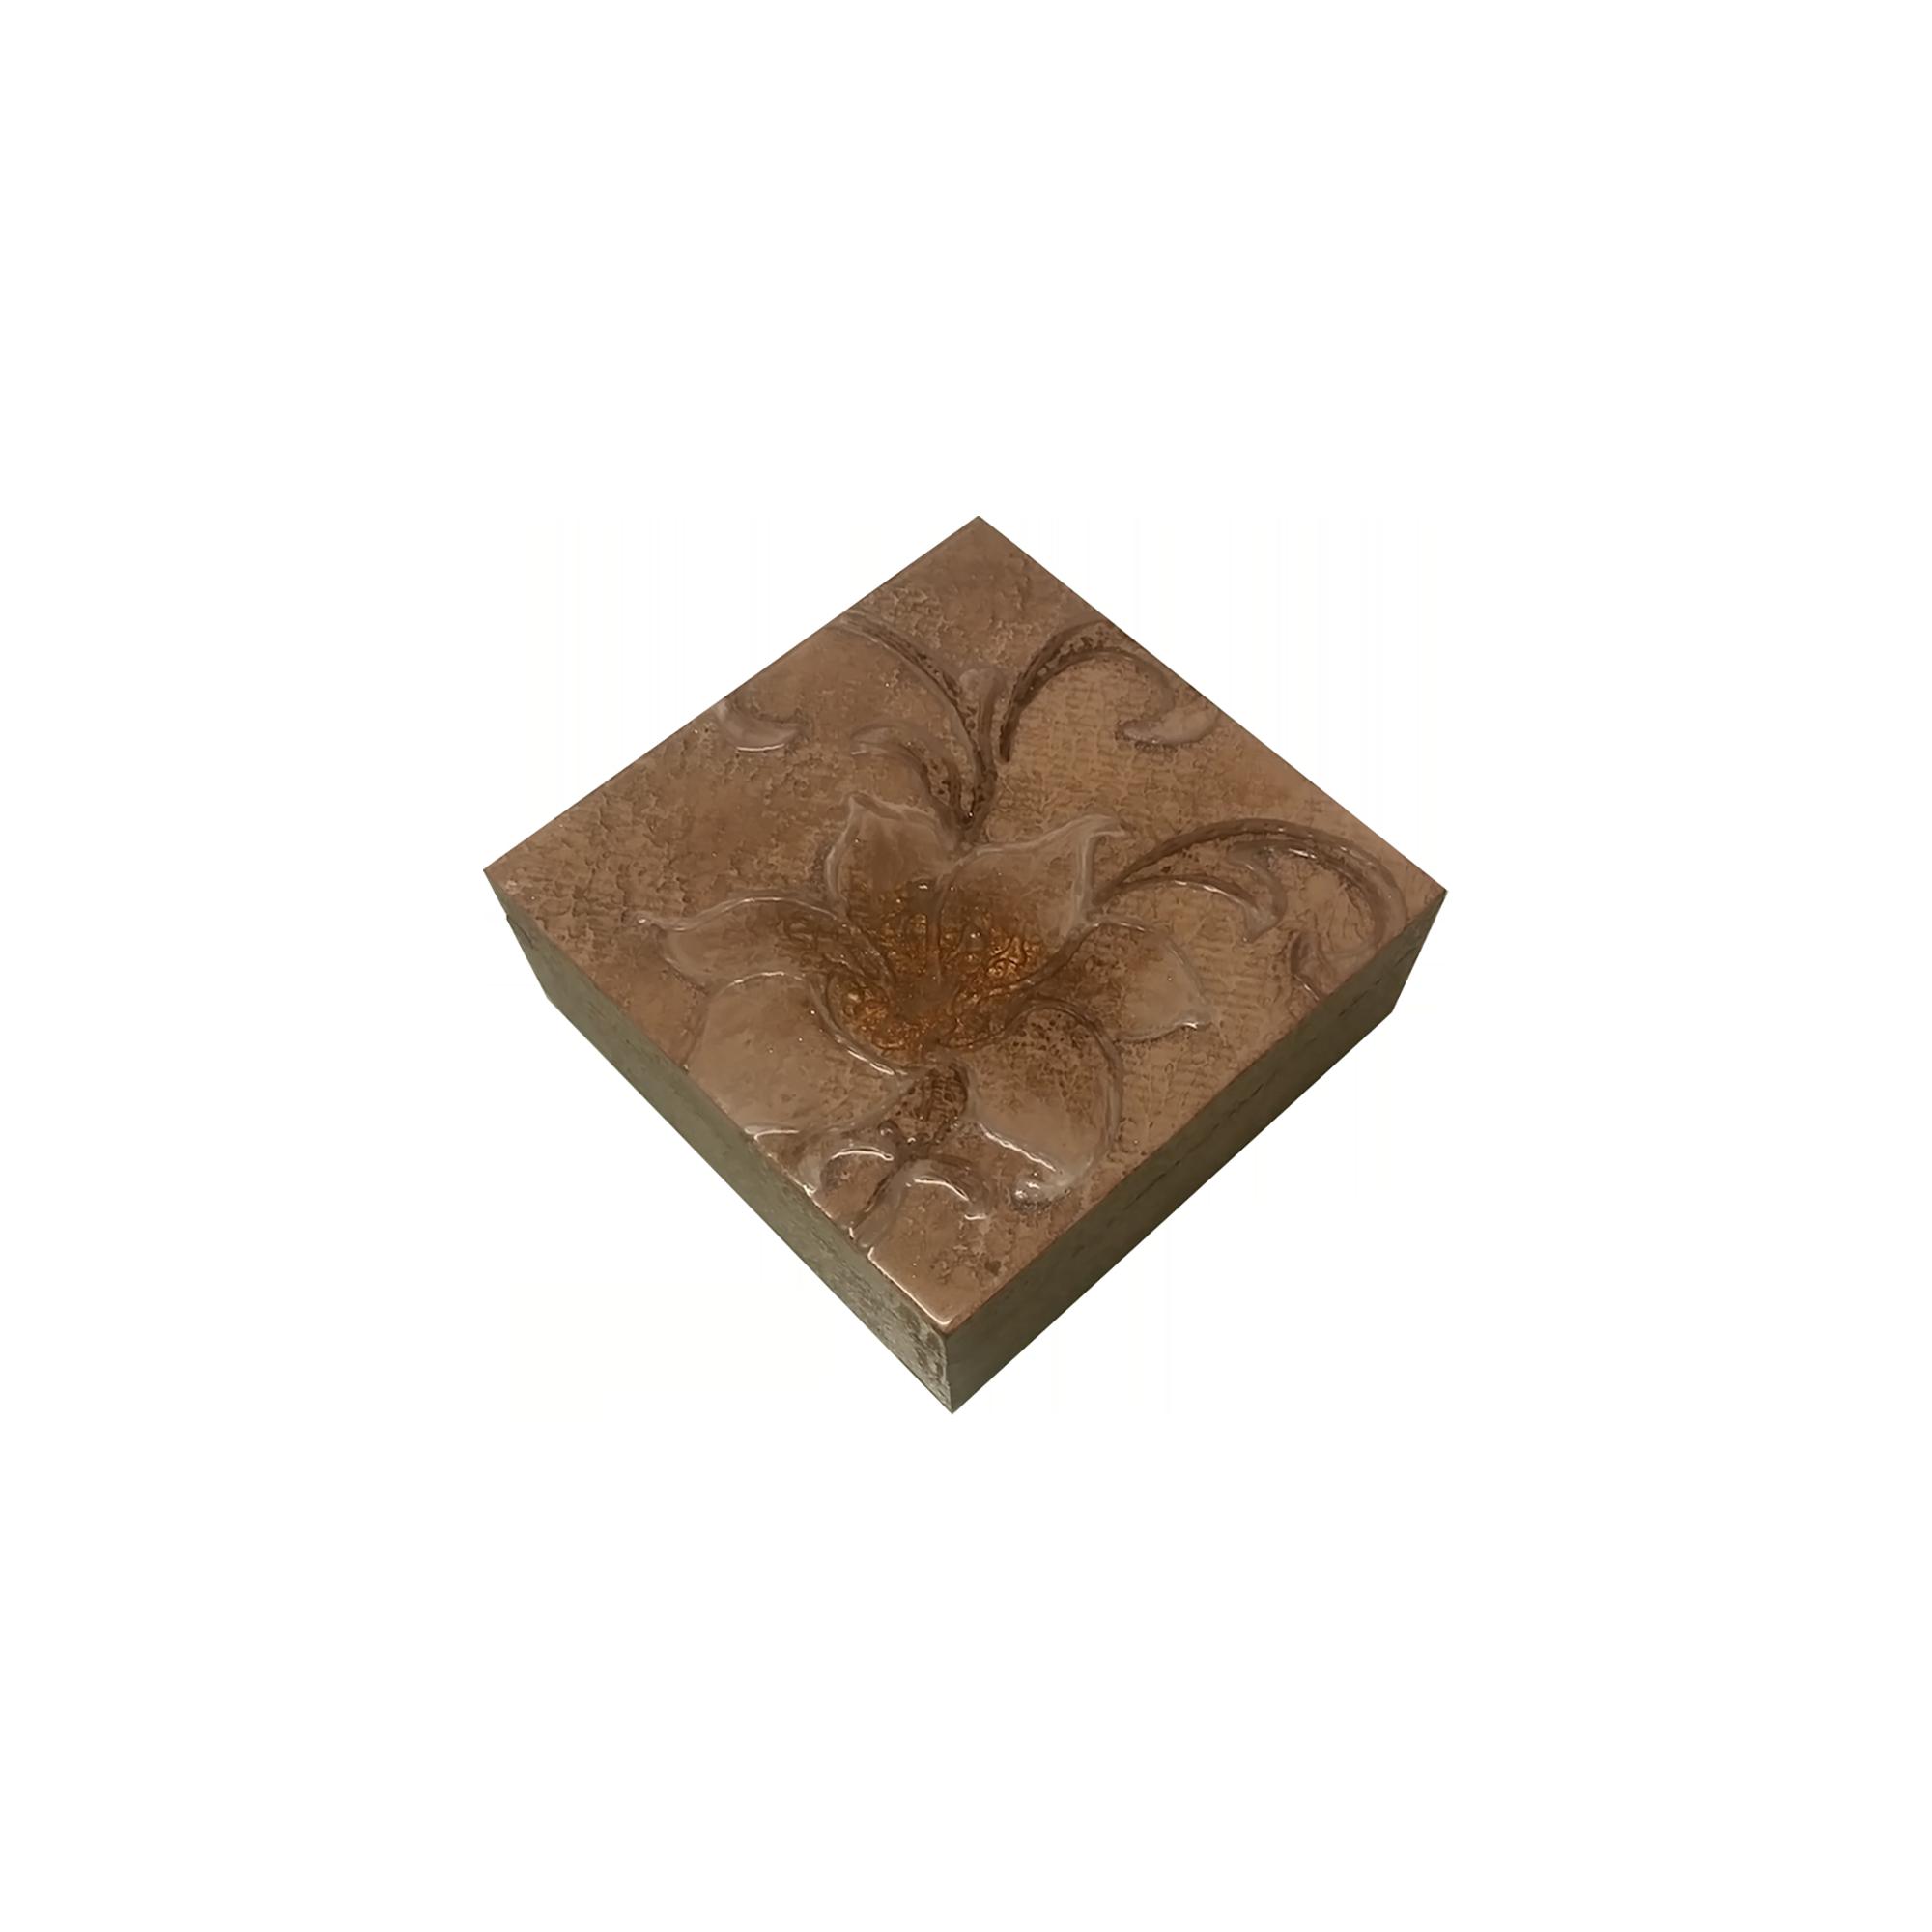 Scatola in legno personalizzata in resina artistica